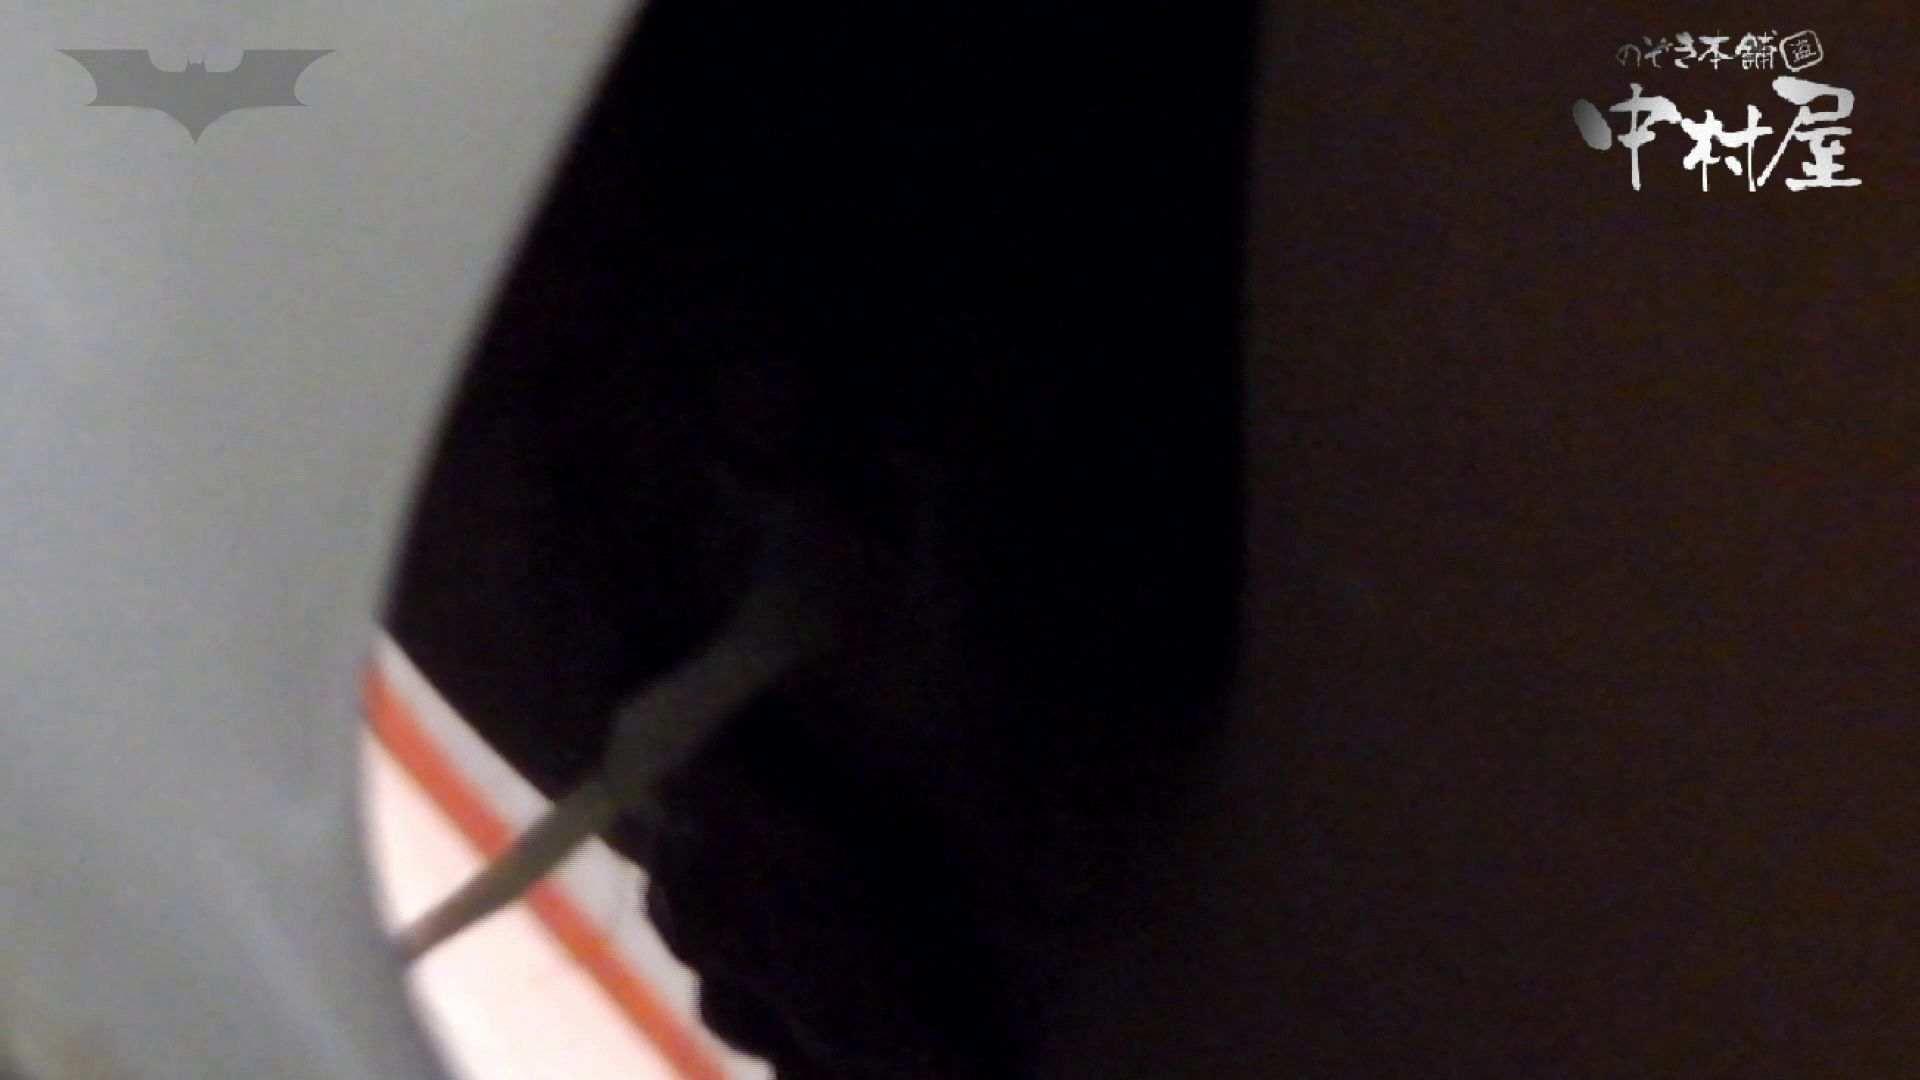 第三体育館潜入撮】第三体育館潜入撮File028 熟女特集!! 無修正マンコ 隠し撮りすけべAV動画紹介 96PICs 50